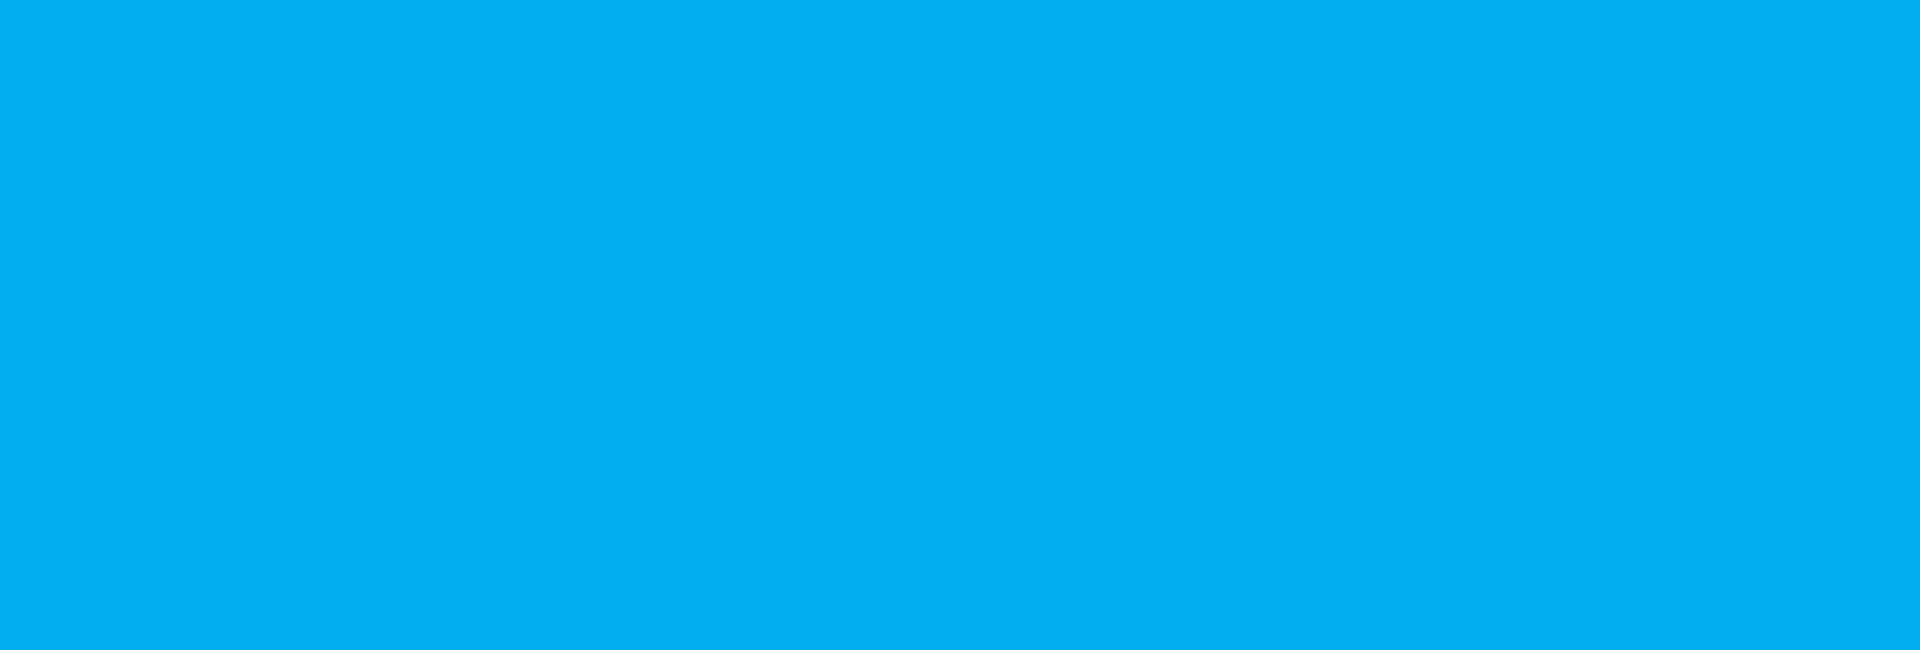 LP-voeux-fond-bleu-1920x650